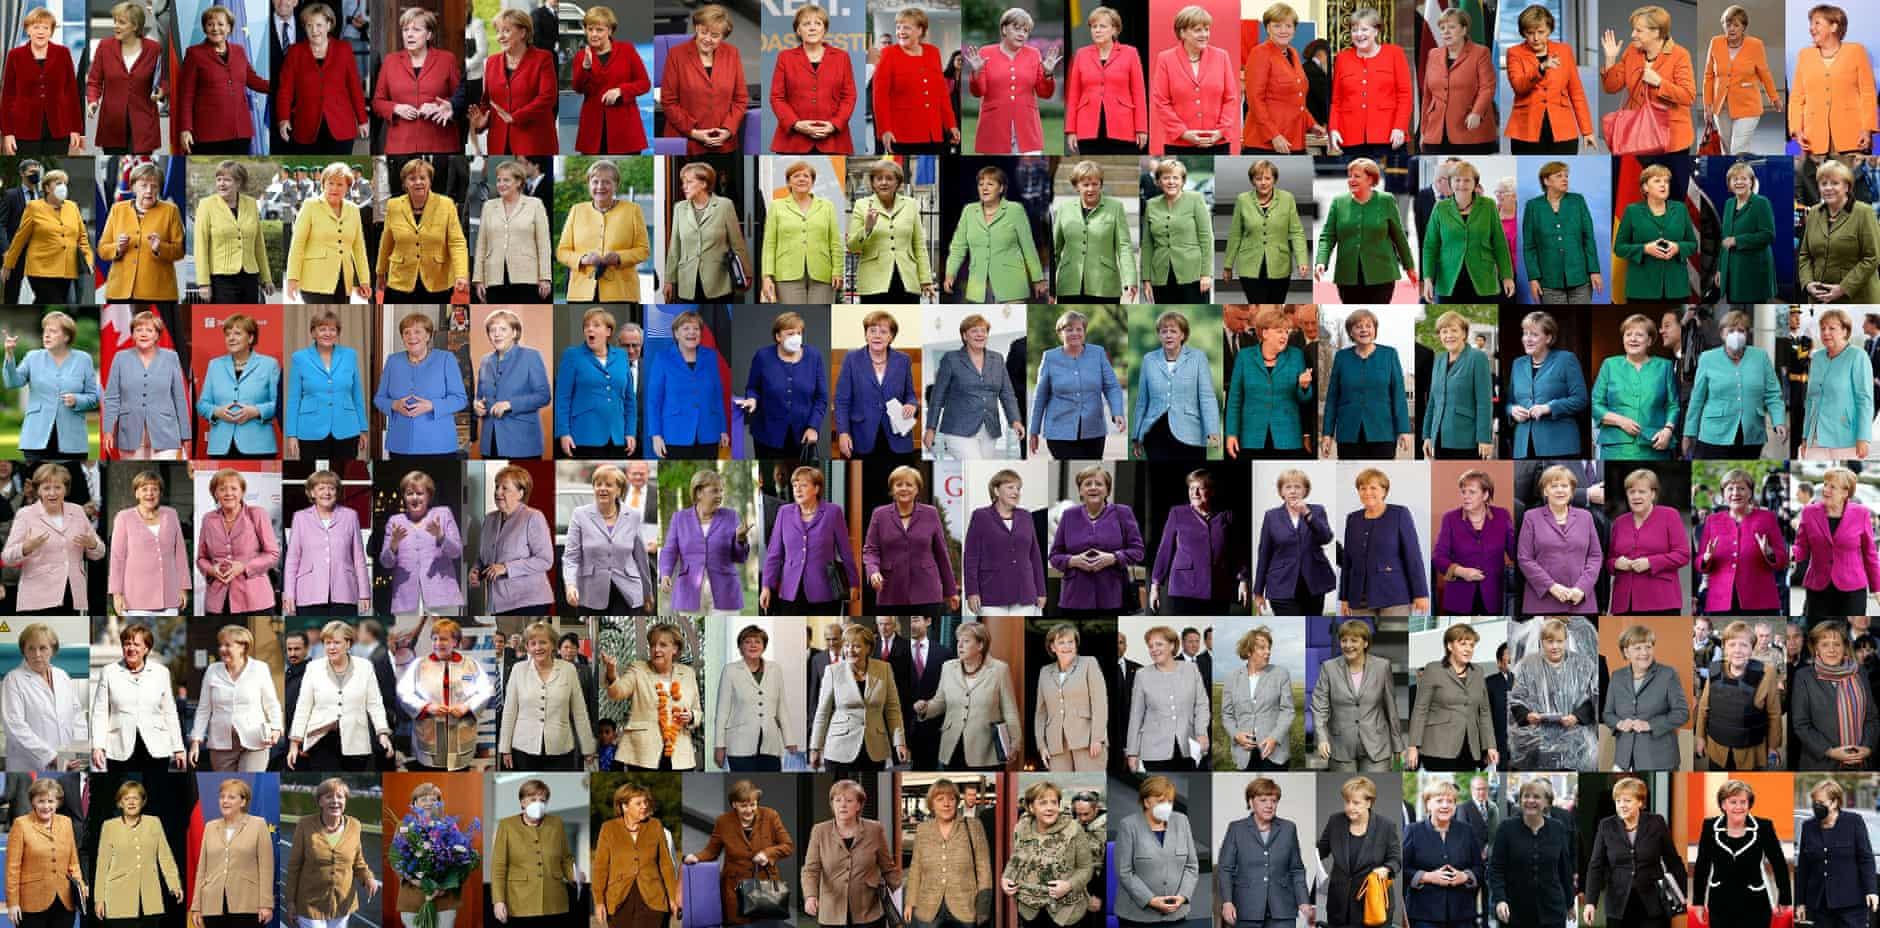 Tất cả những gì thế giới muốn biết về bà Angela Merkel đều có ở đây - Ảnh 3.